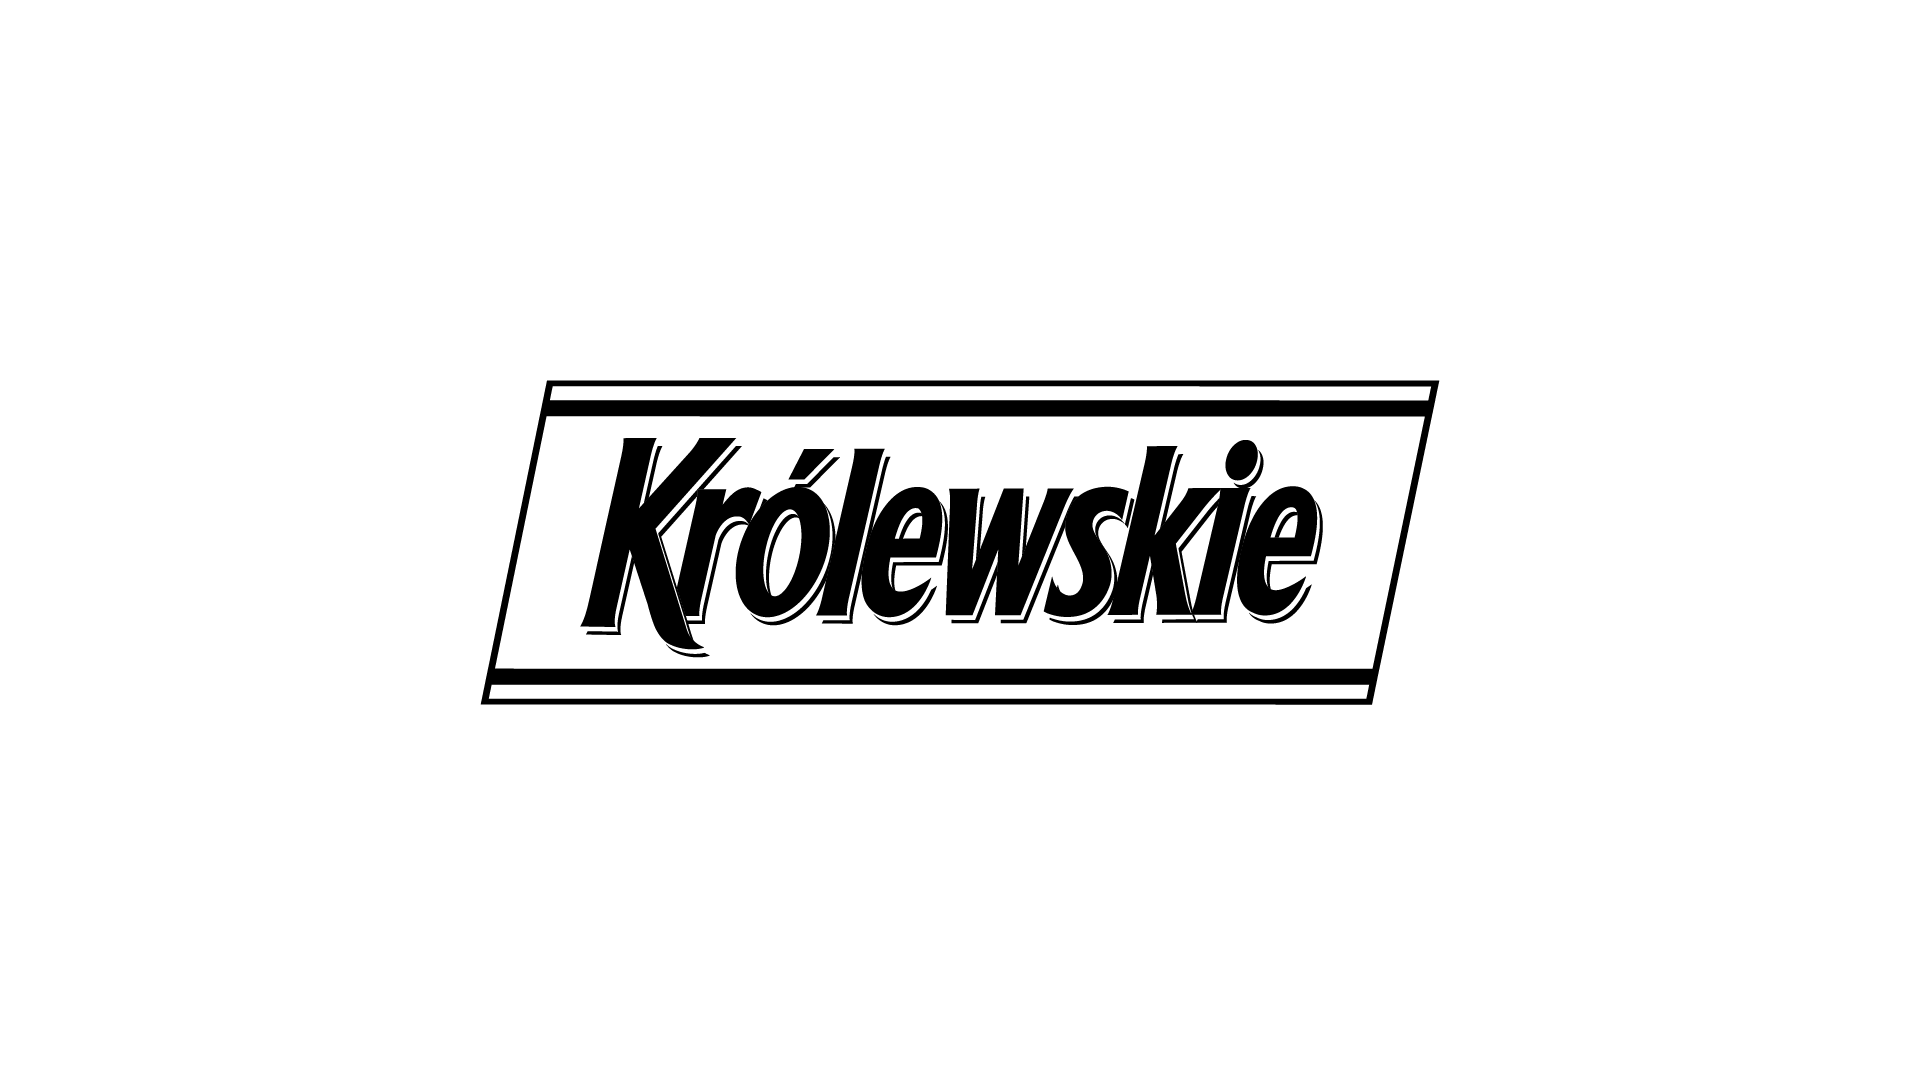 Królewskie logo